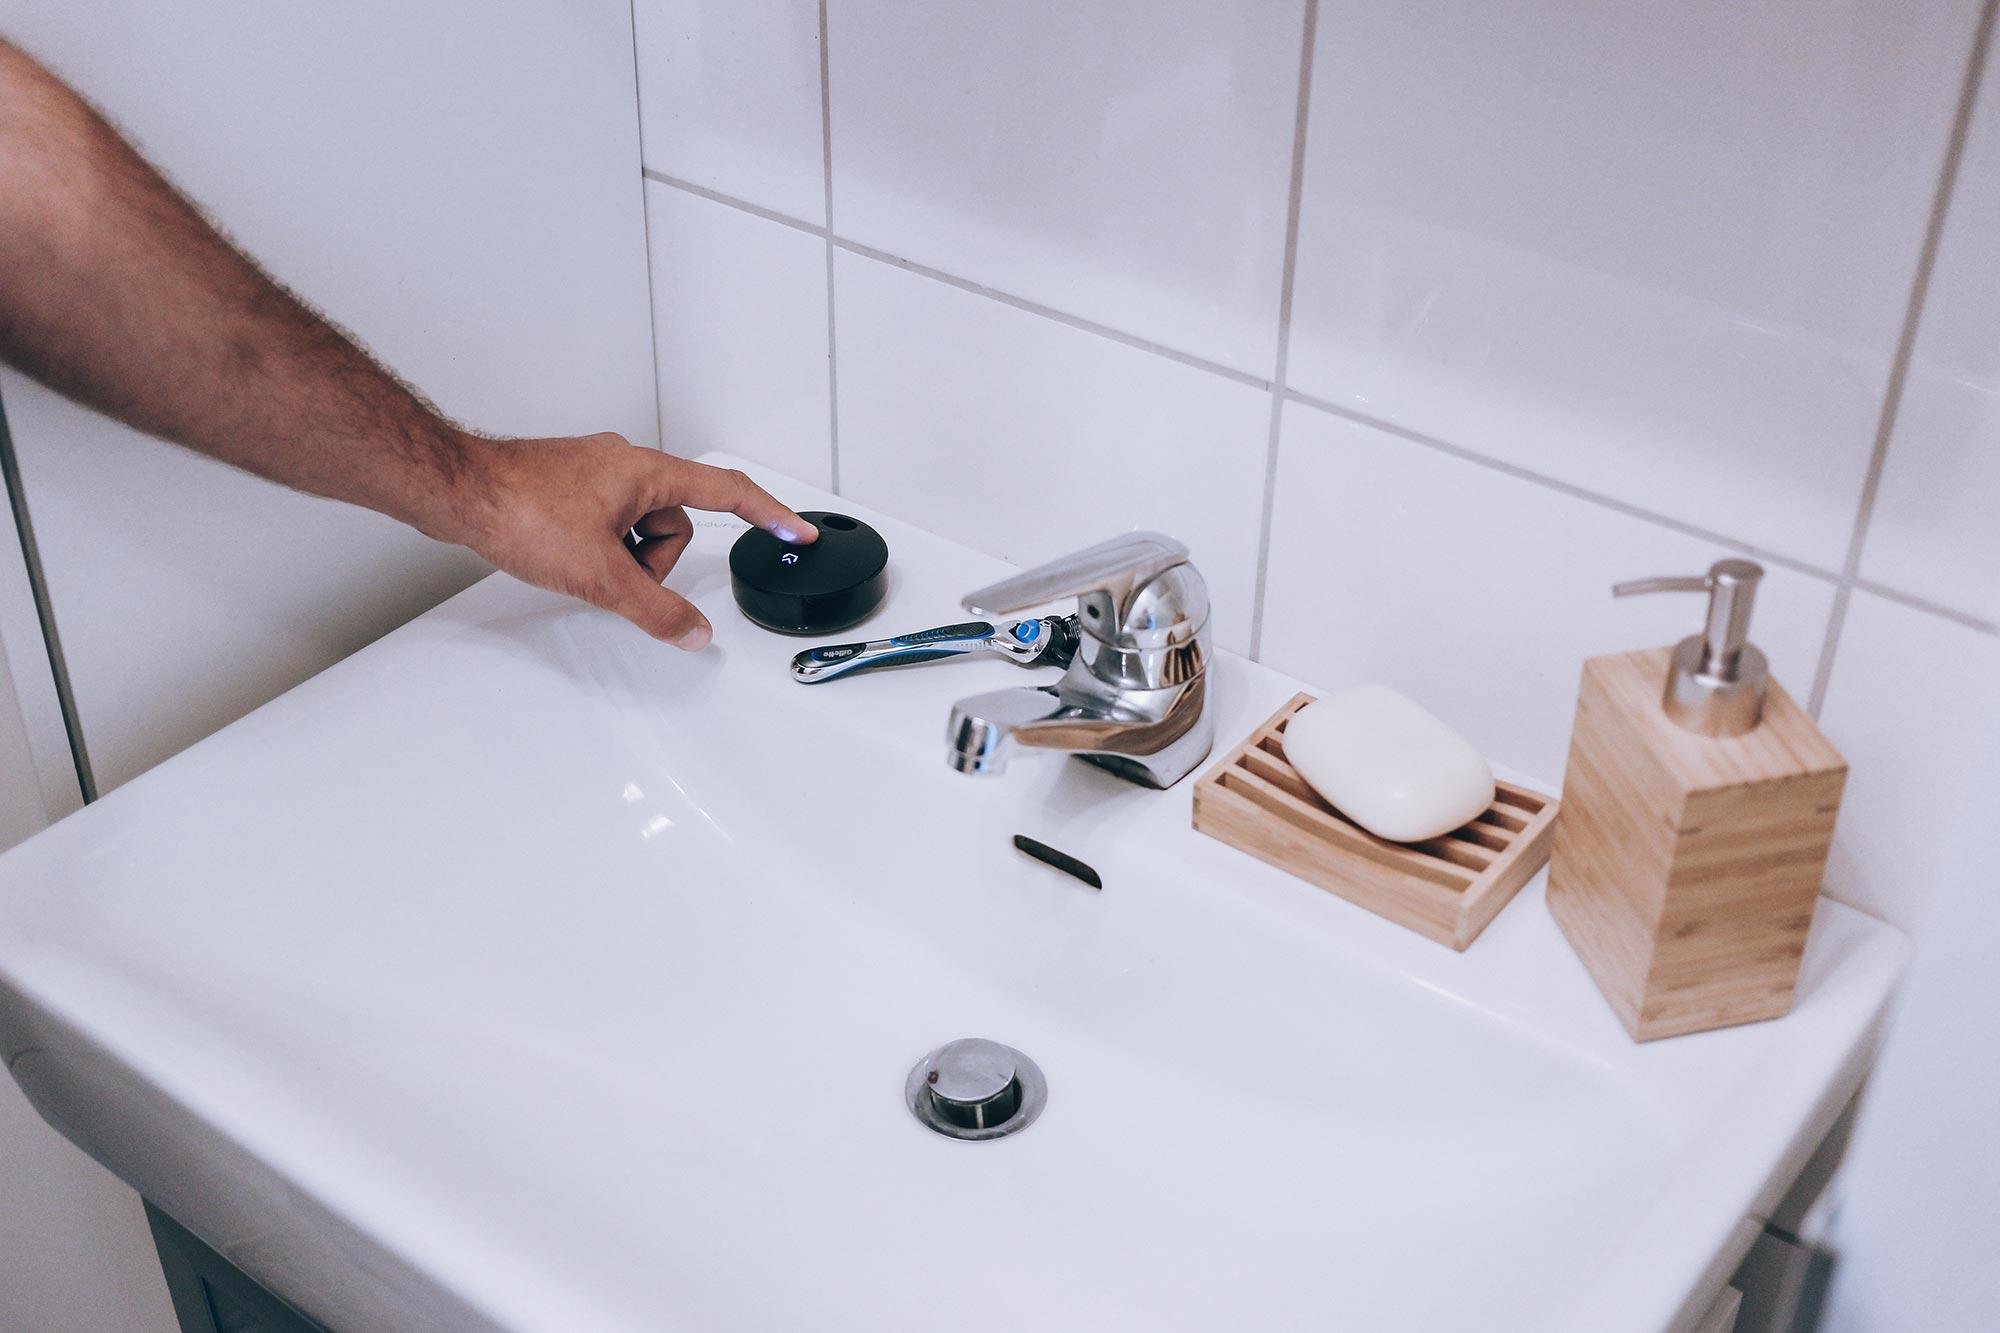 kleines bad einrichten mini dusche schanheit badezimmer fishzerocom kleines mit gestalten. Black Bedroom Furniture Sets. Home Design Ideas